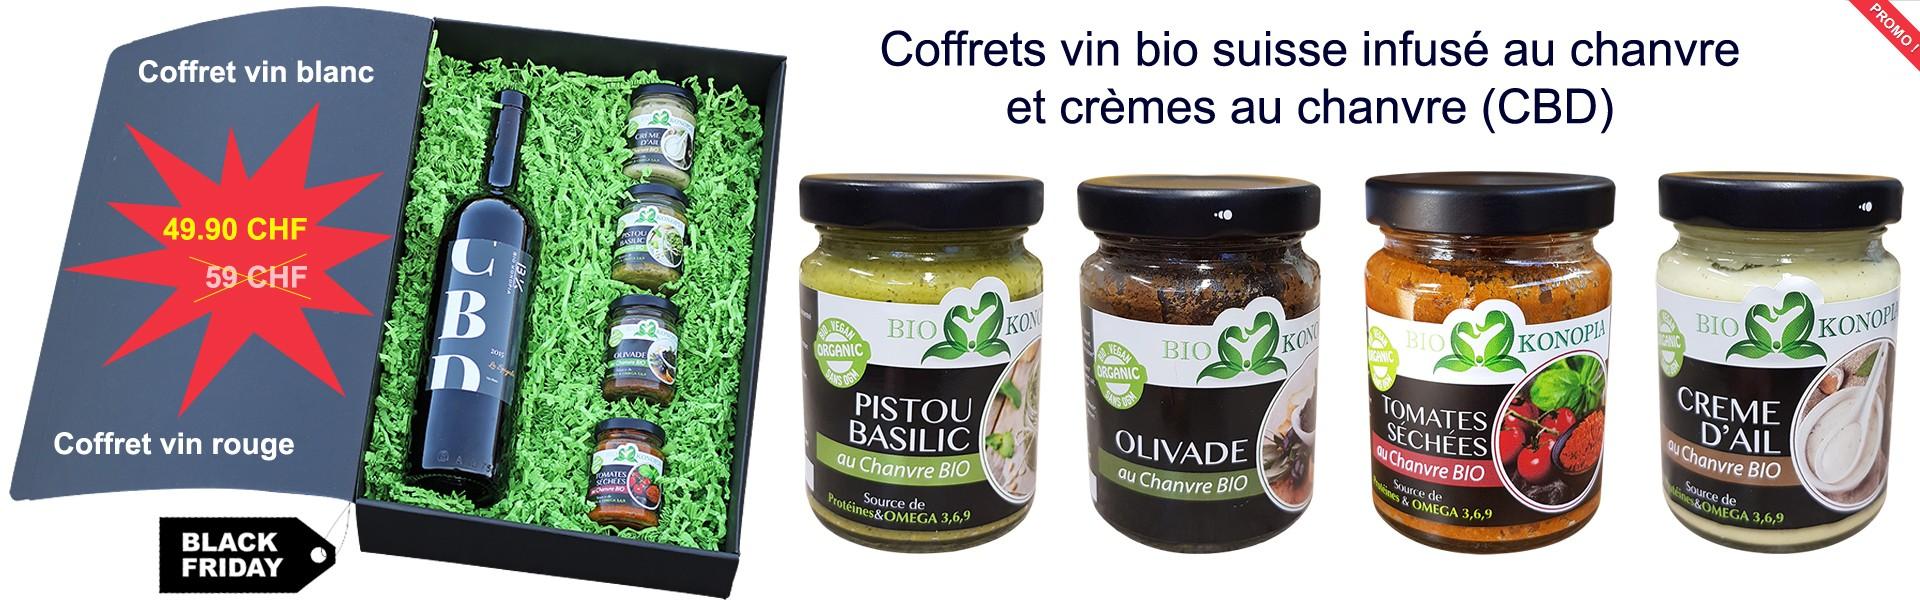 Coffrets vin bio suisse infusé au chanvre et crèmes au chanvre (CBD)